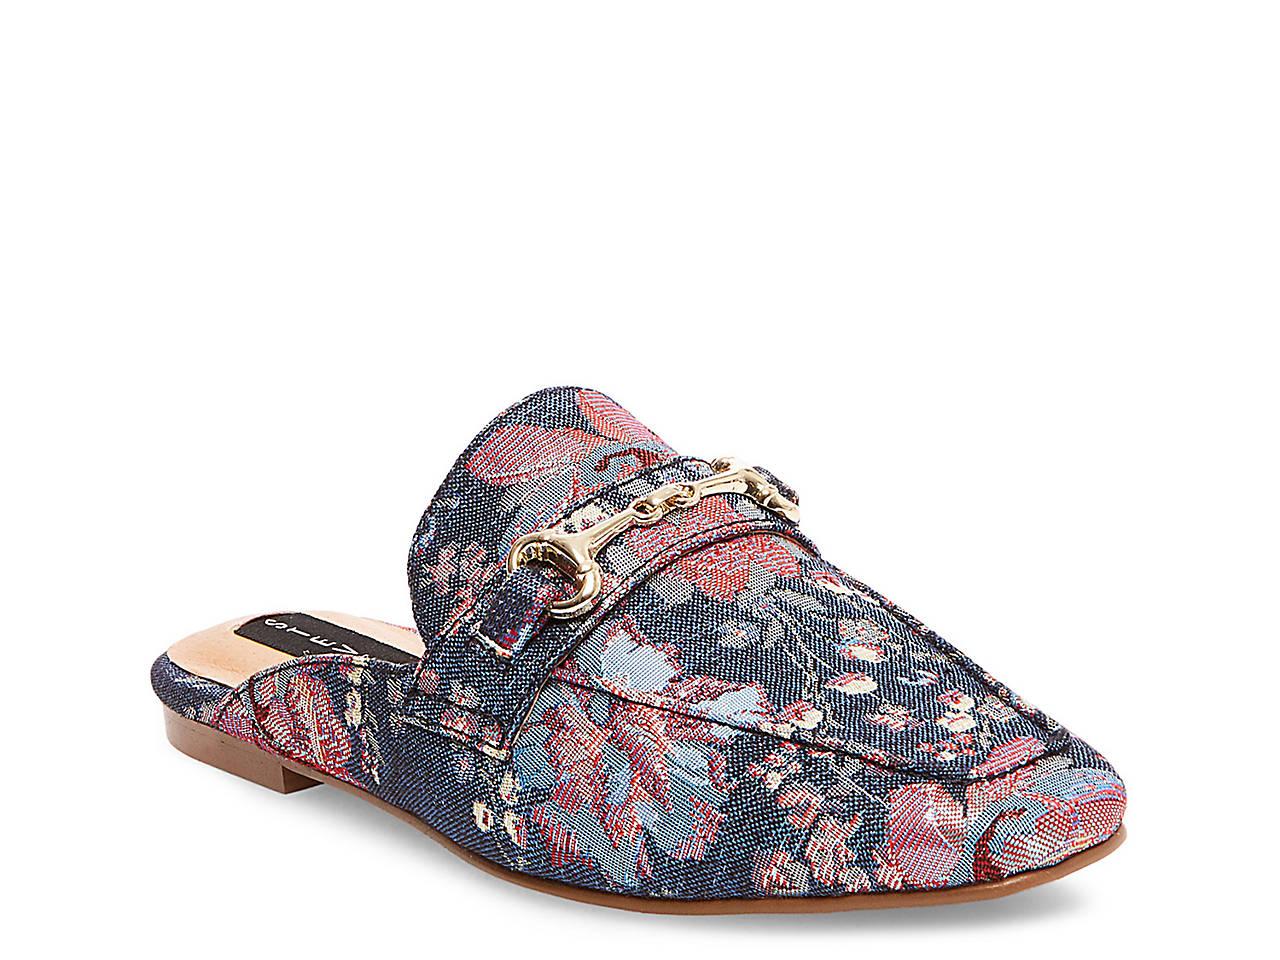 1cd529c9dc1 Steven by Steve Madden Razzi Mule Women s Shoes